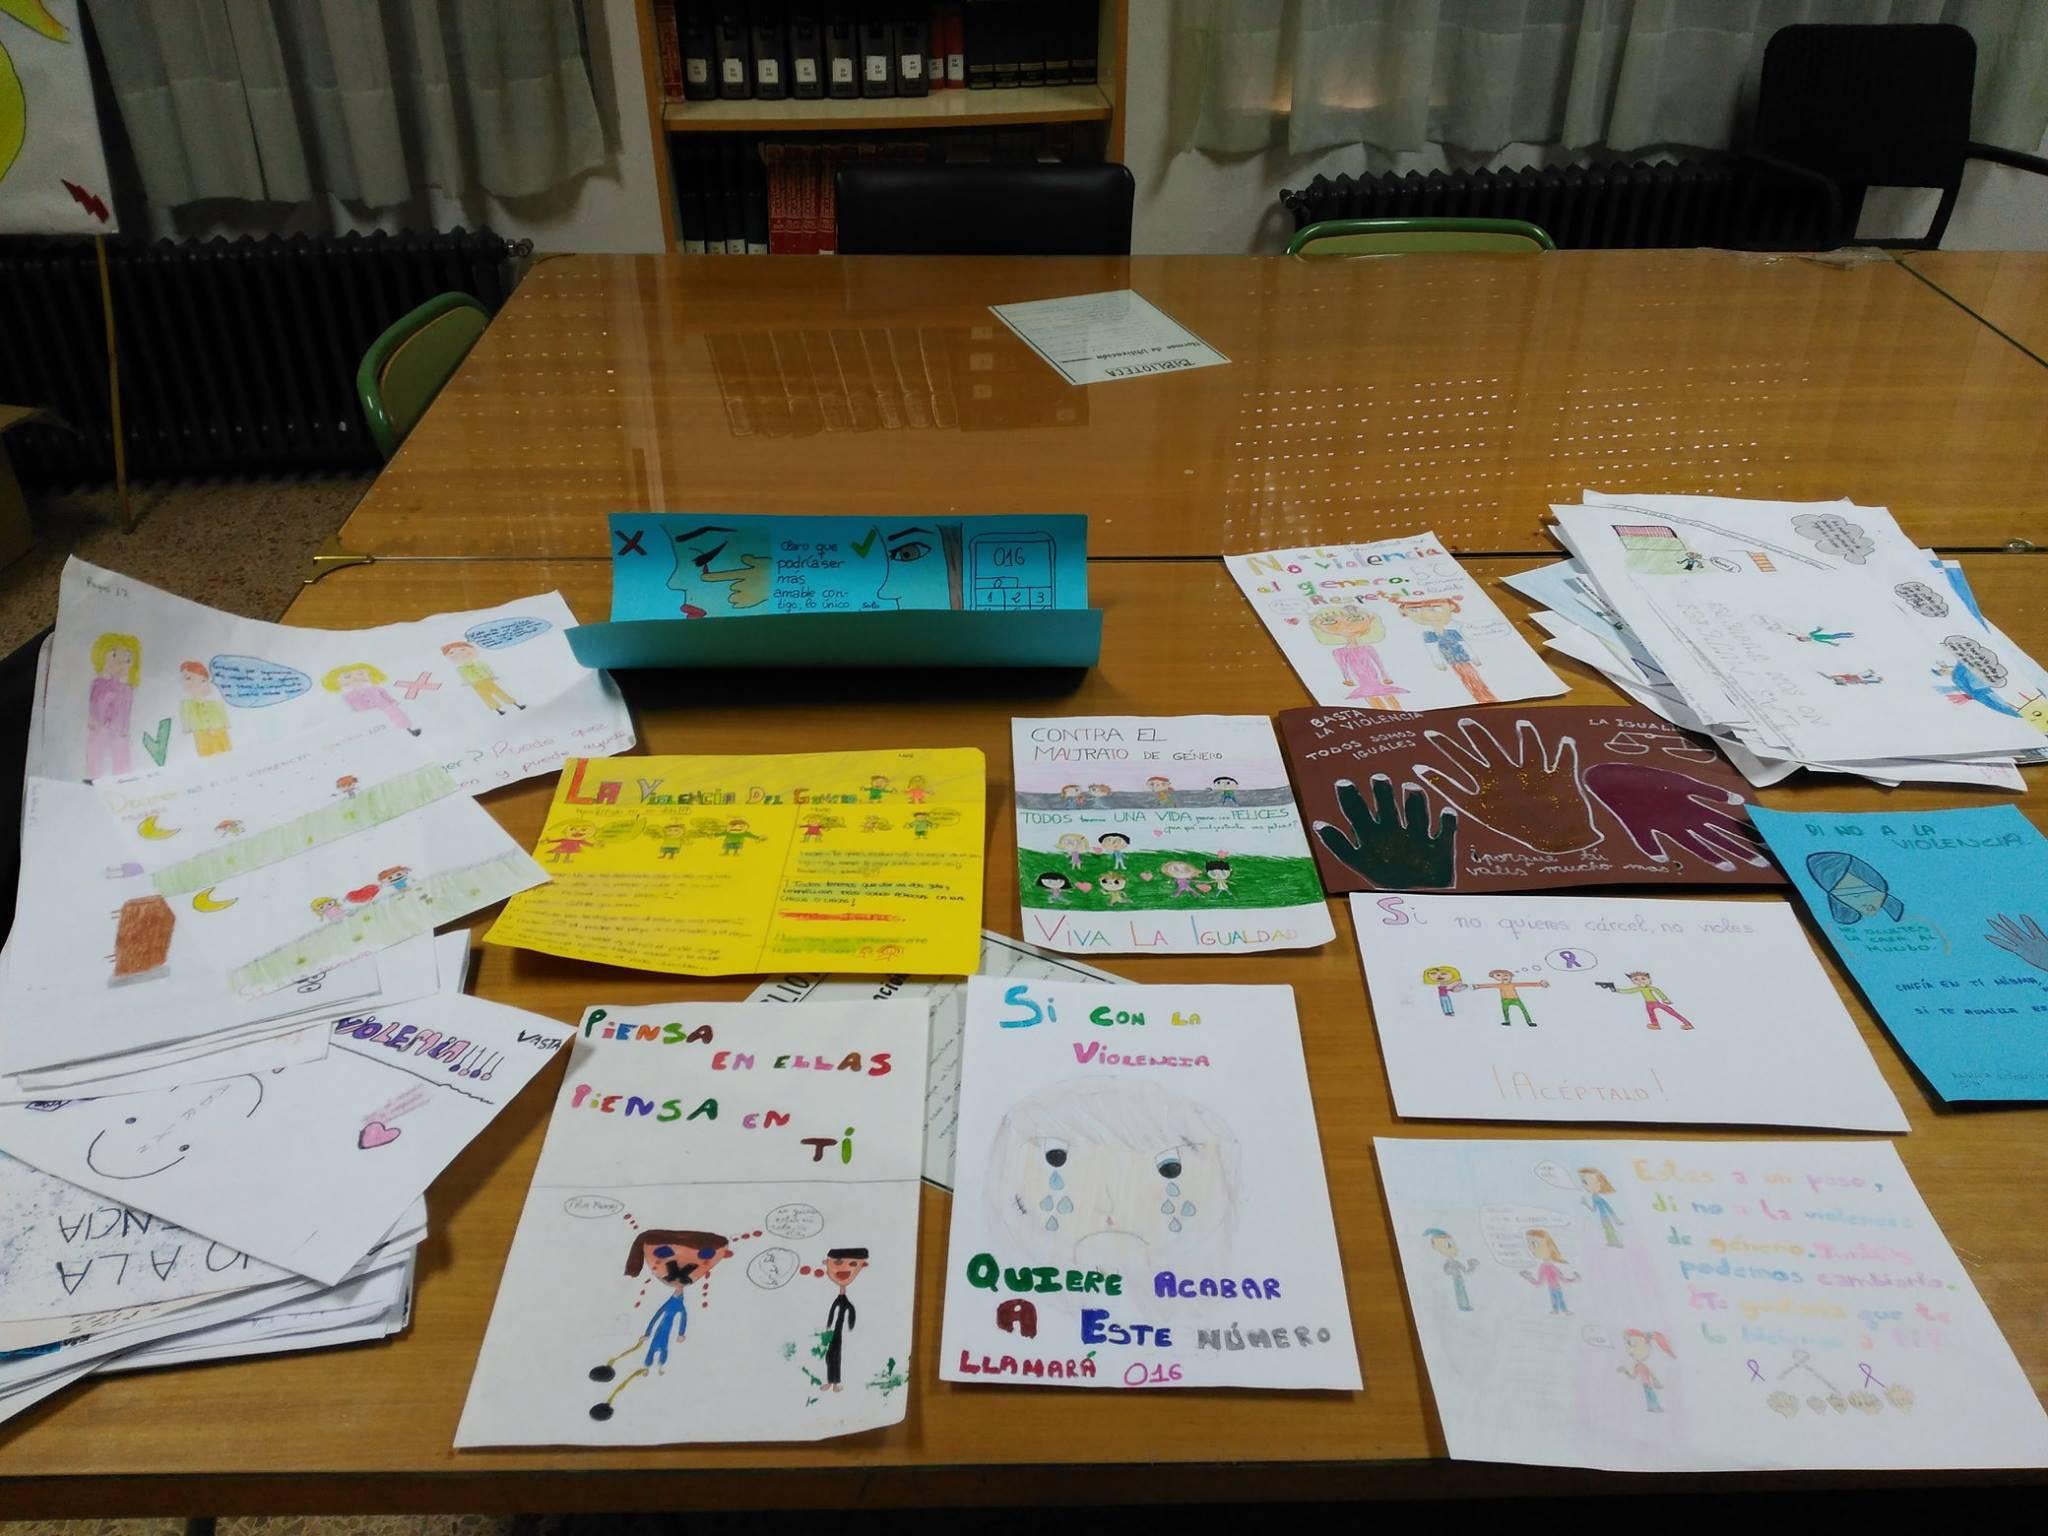 dibujos-y-esloganes-contra-la-violencia-de-genero-en-herencia